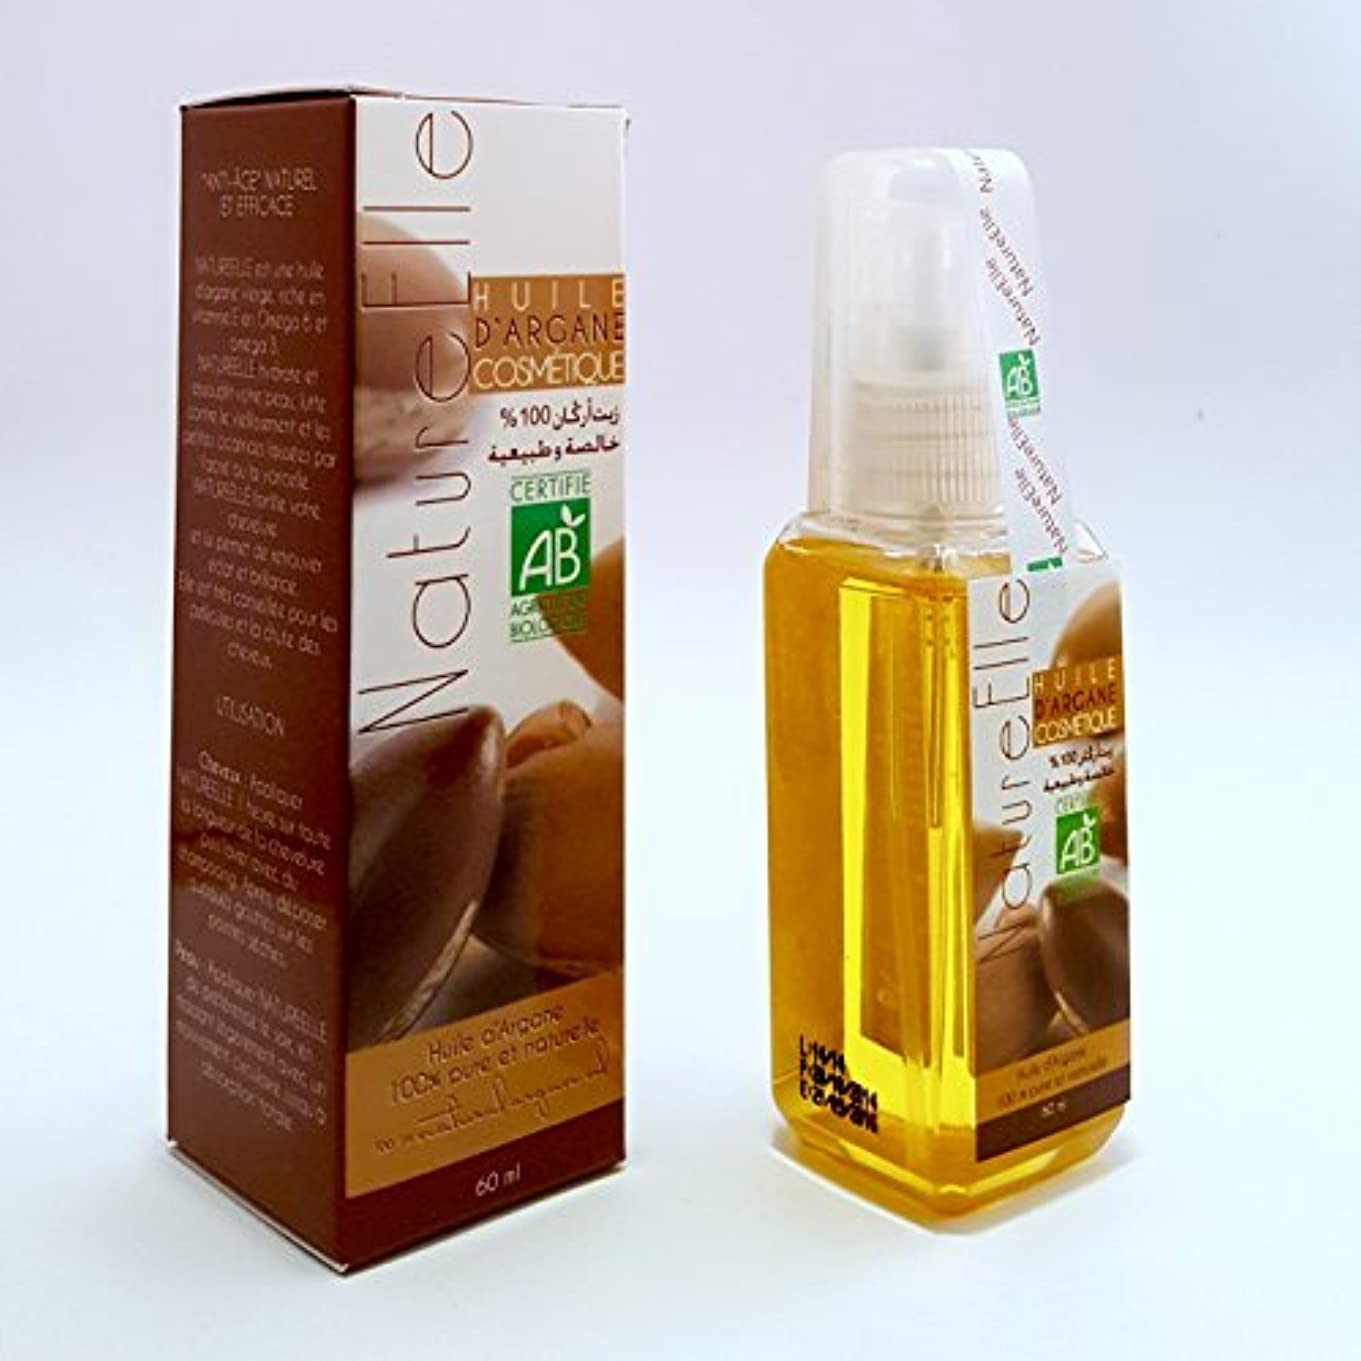 悲しいやろうテラスNatureElle 60ミリリットル - 肌や髪のためのアルガンオイル100%ピュア?有機モロッコオイル Argan Oil 100% Pure and Organic Moroccan Oil for skin and...